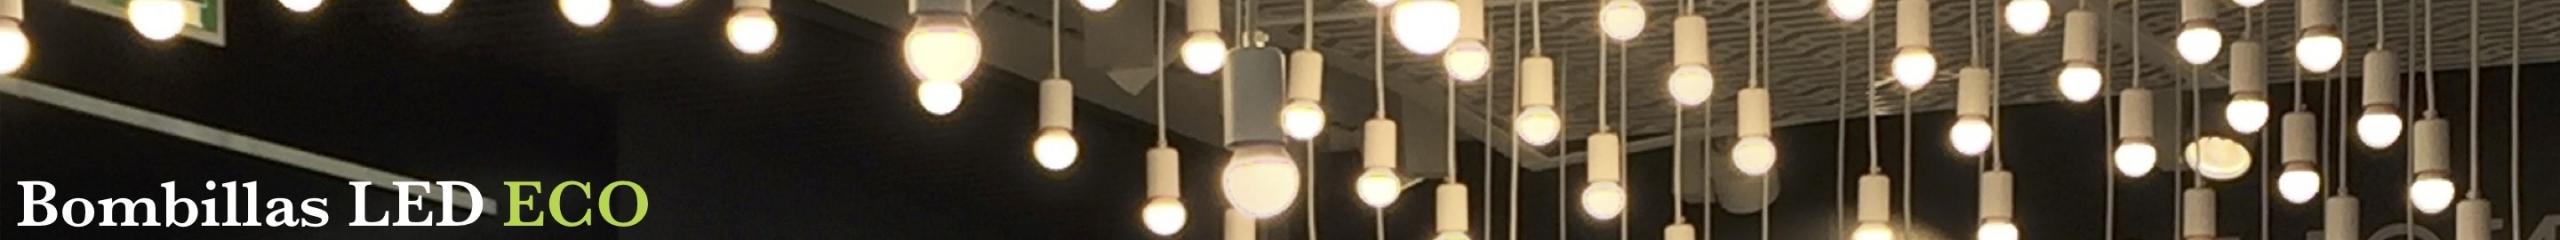 Bombillas LED ECO